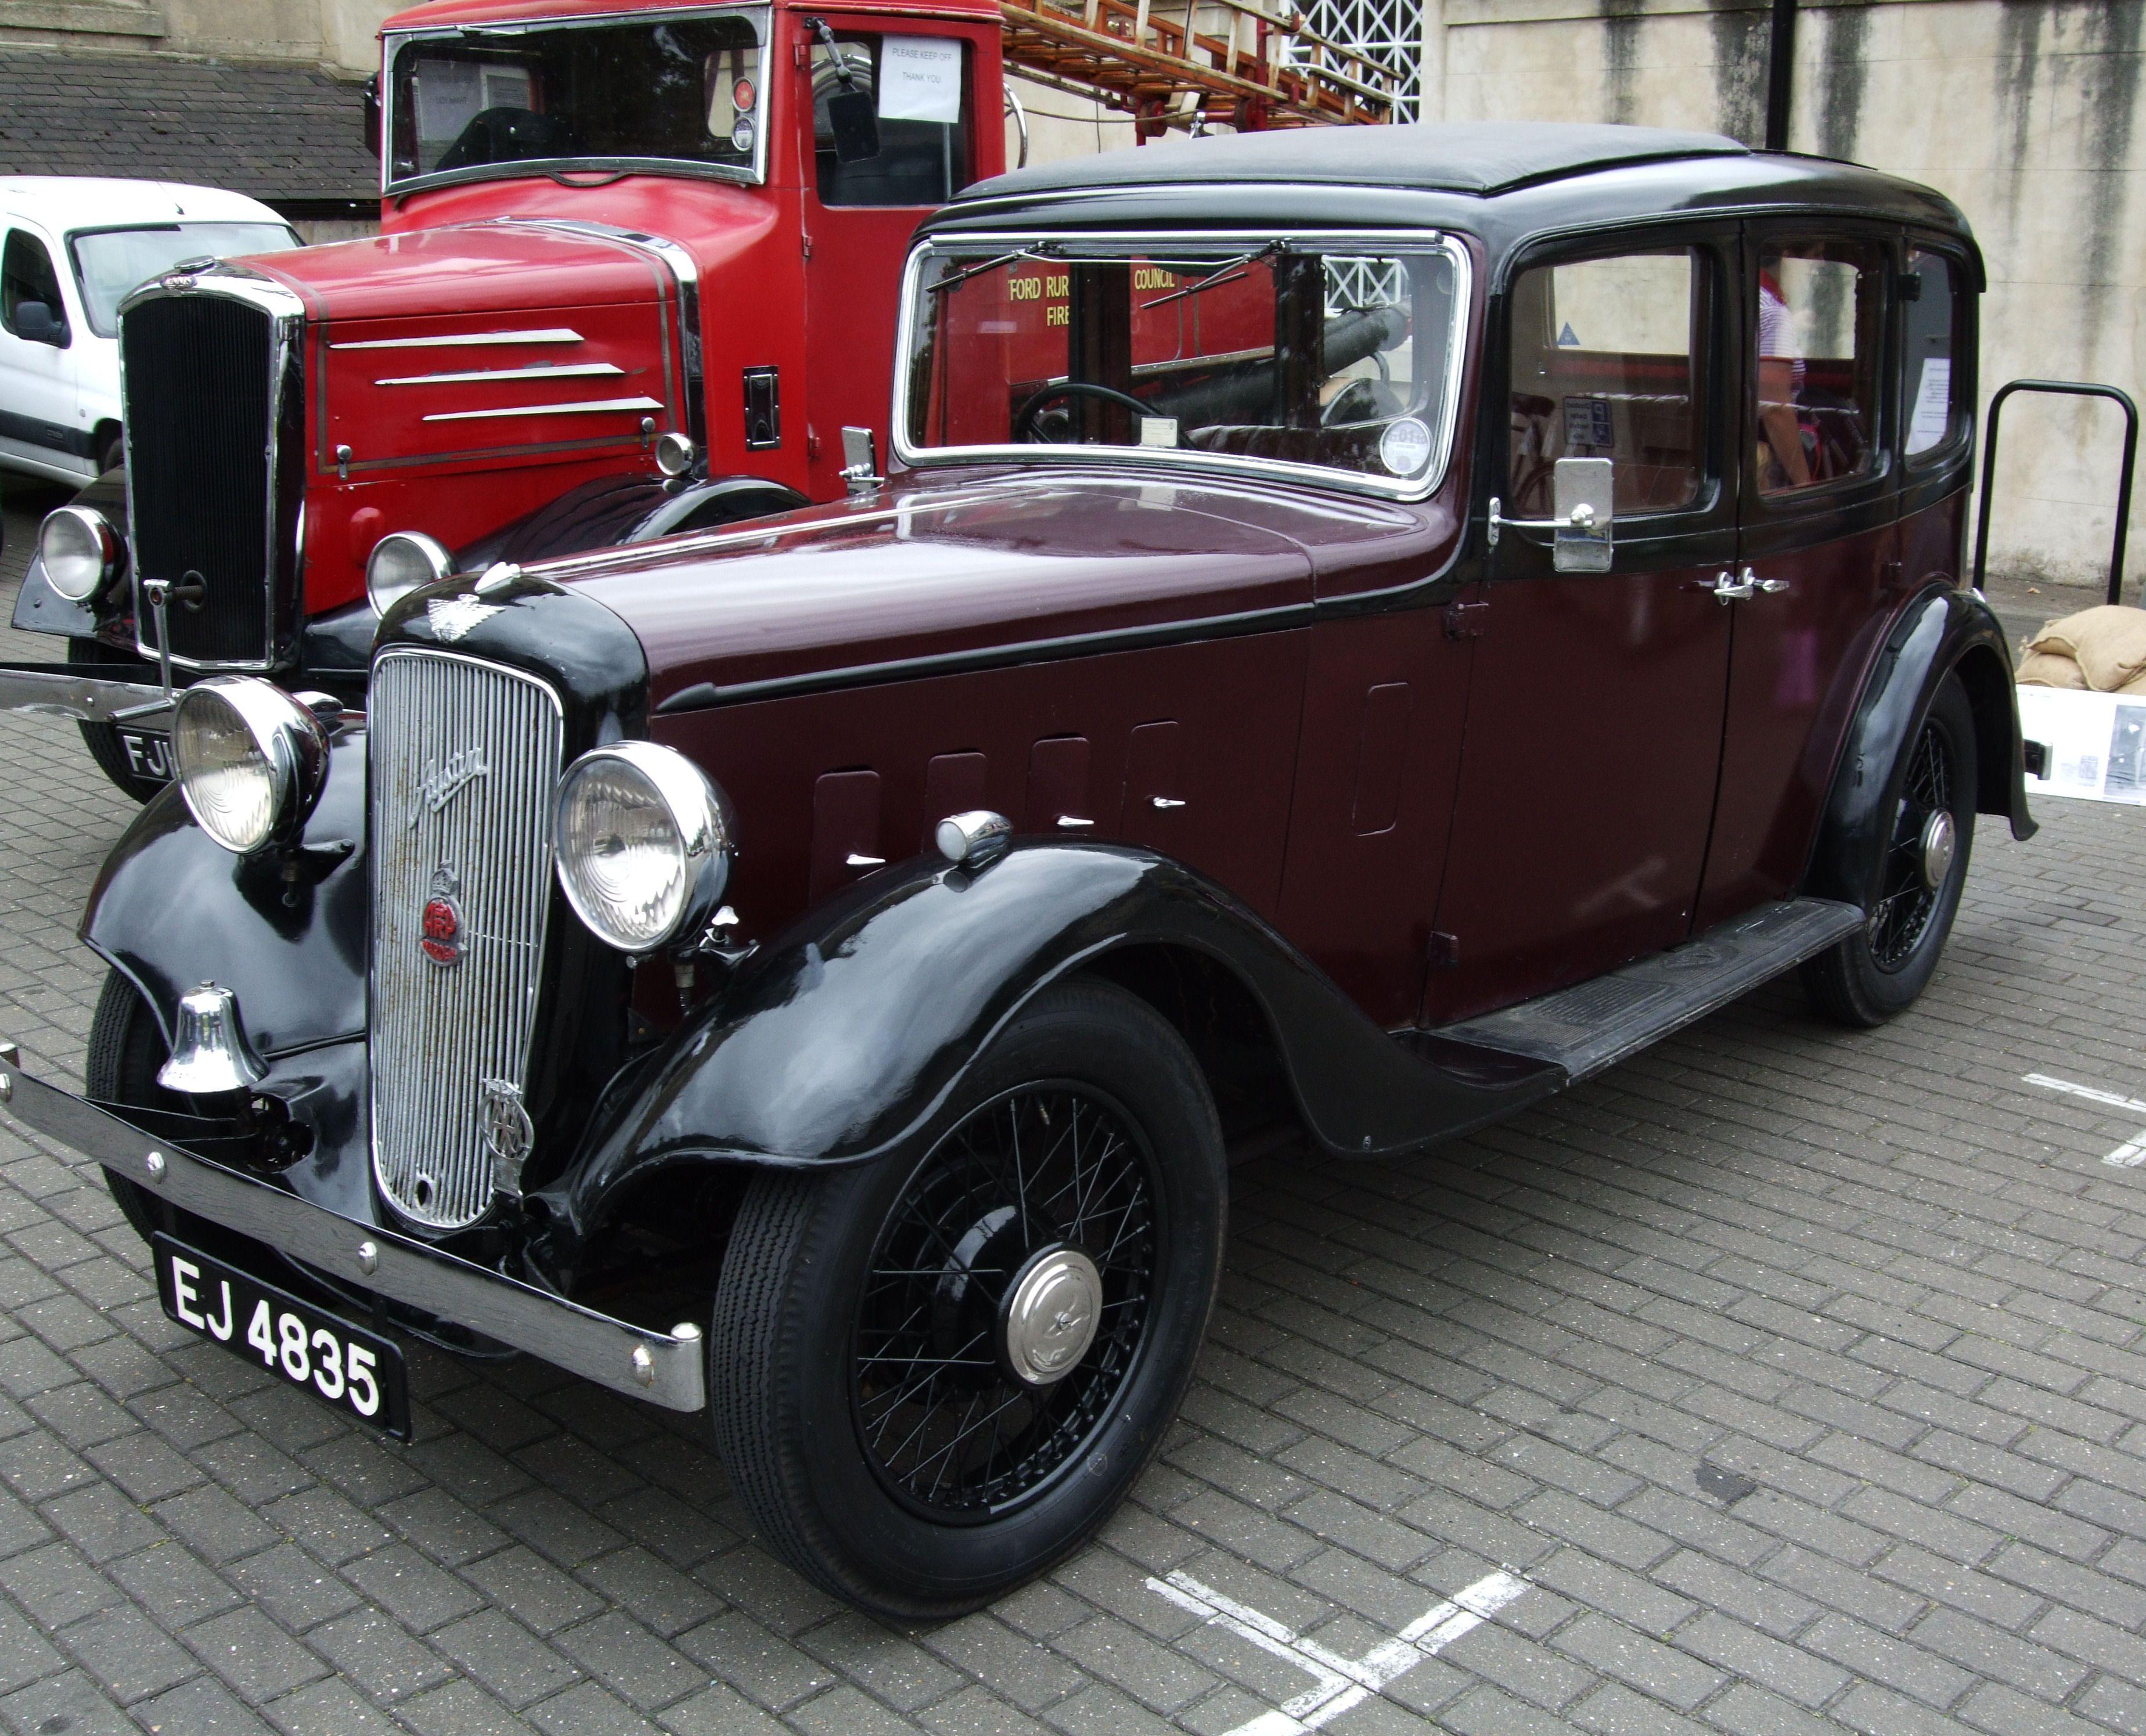 Vintage Car | File:Vintage Austin Car, Kew Bridge Steam Museum.jpg ...